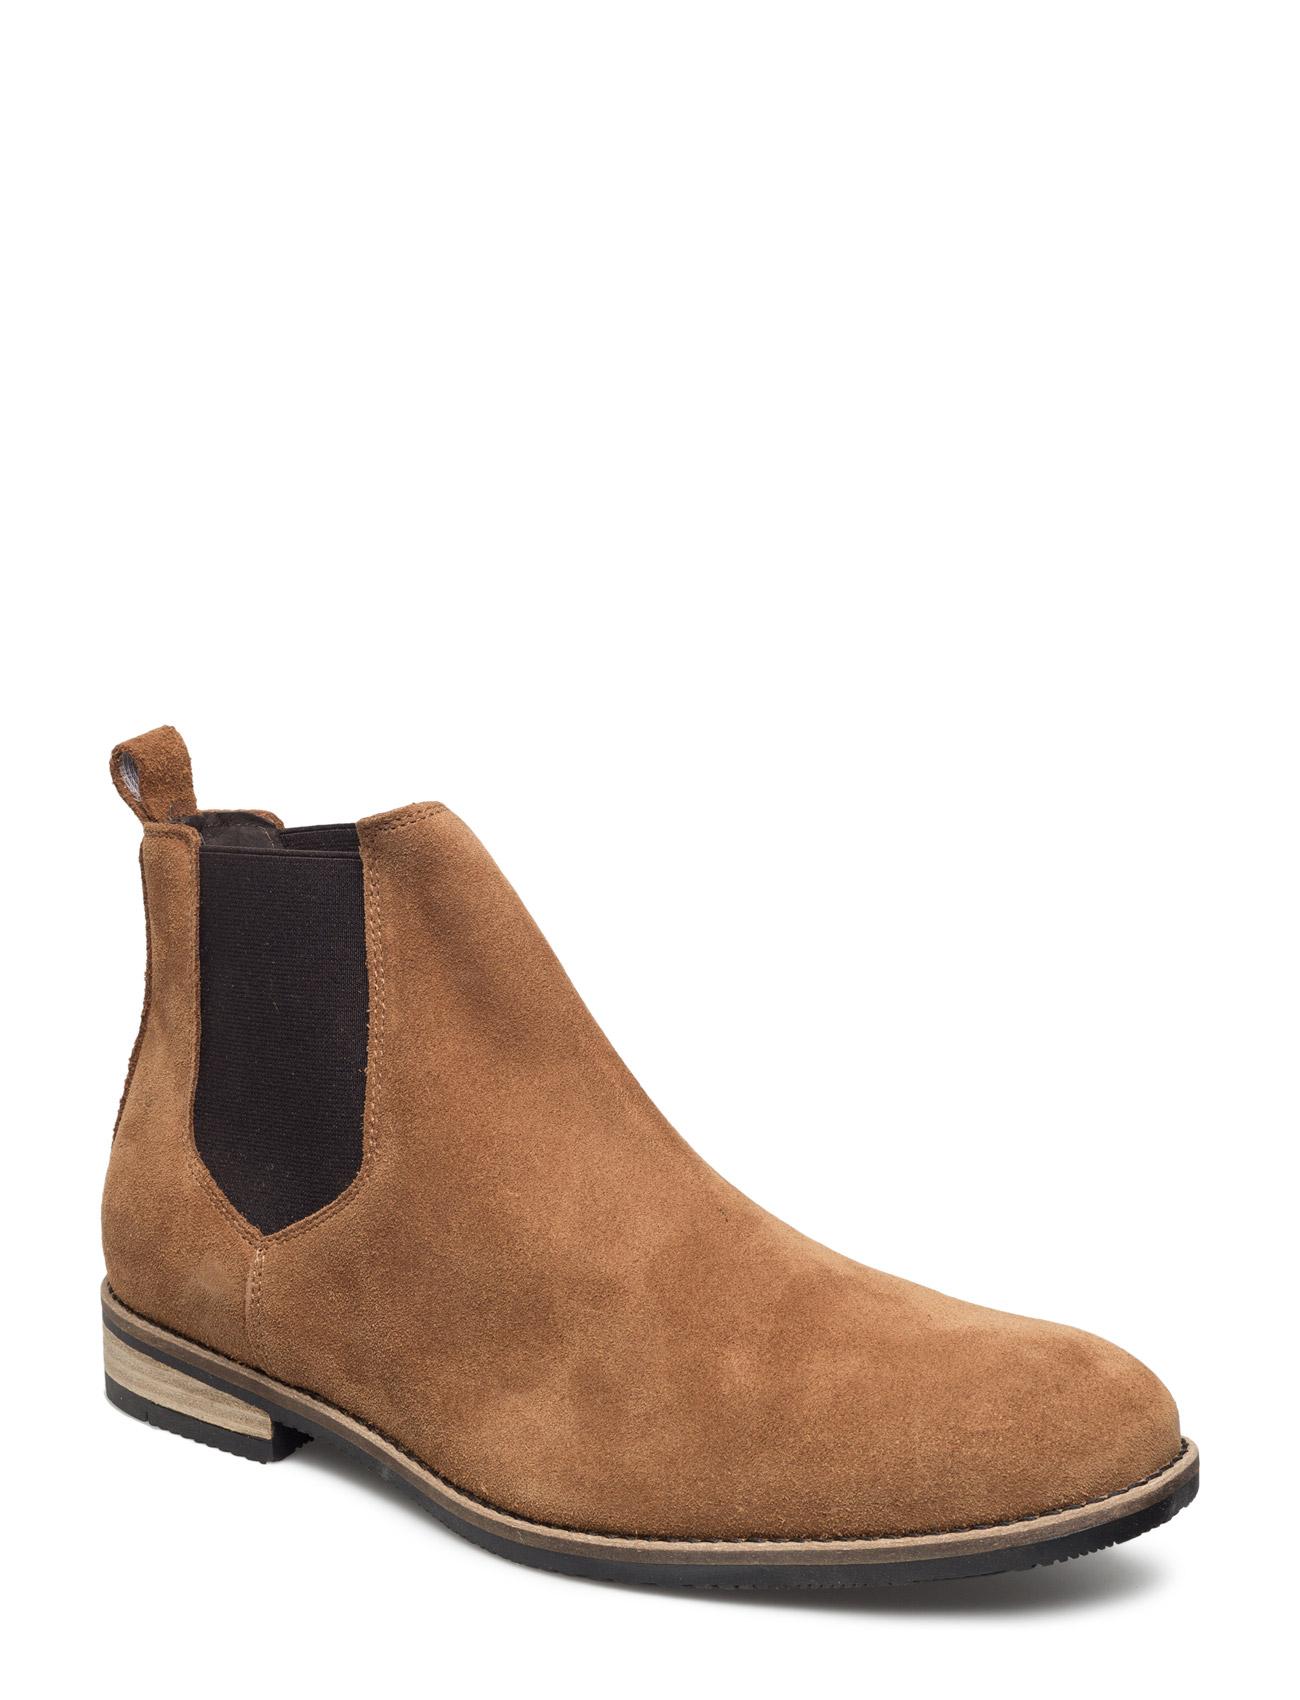 Suede Cas, Chelsea Son16 Bianco Støvler til Mænd i Lysebrun